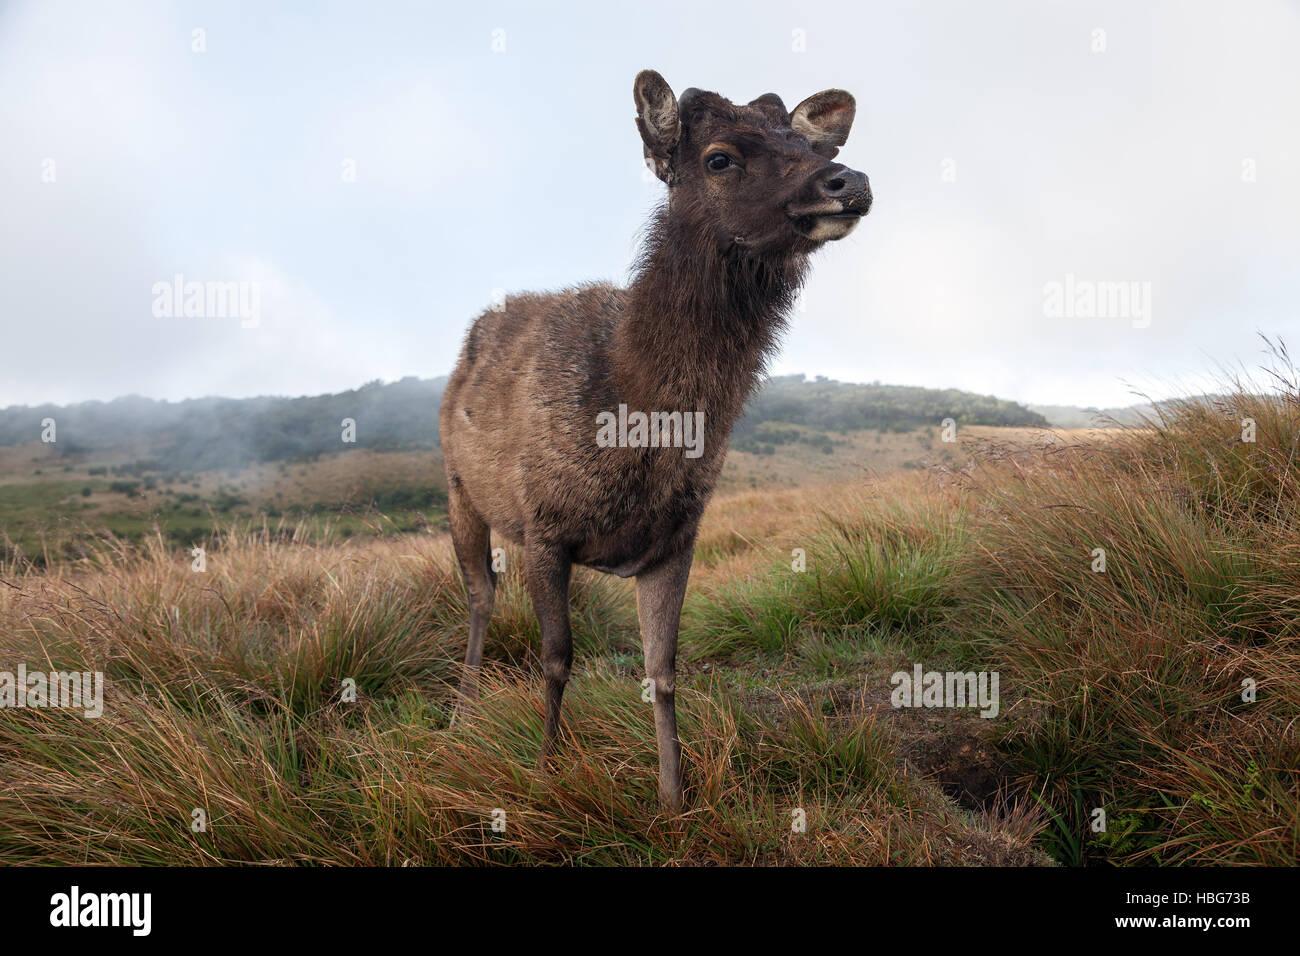 Sambar deer (Cervus unicolor), femme, le Parc National de Horton Plains, Province, Sri Lanka Photo Stock